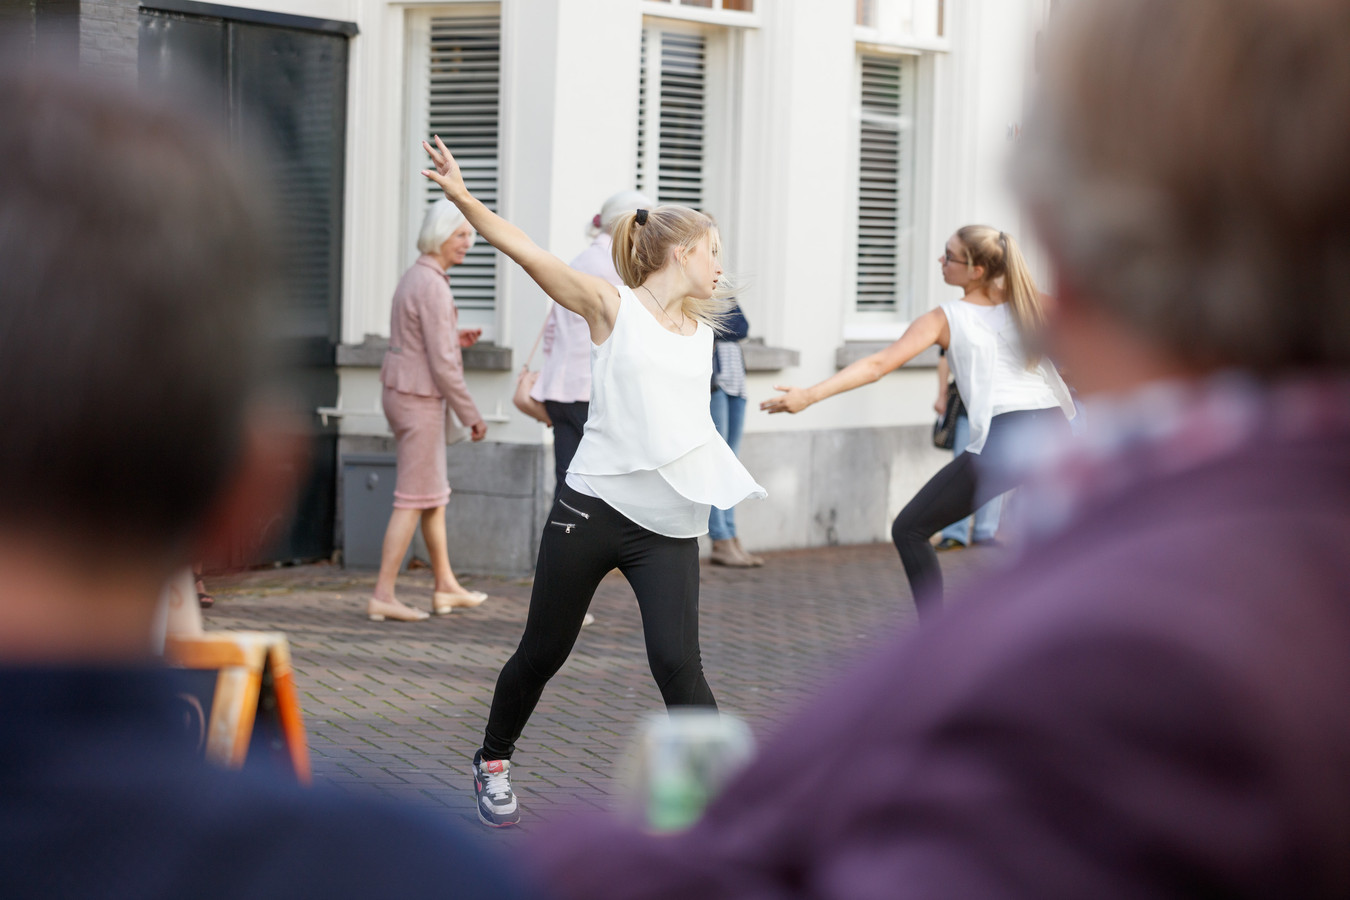 Roosendaal danst gewoon tussen het winkelend publiek op deze koopzondag door. Archieffoto: Marcel Otterspeer uit 2015  Roosendaal Danst in de binnenstad, en soms tussen het winkelend publiek op deze koopzondag.